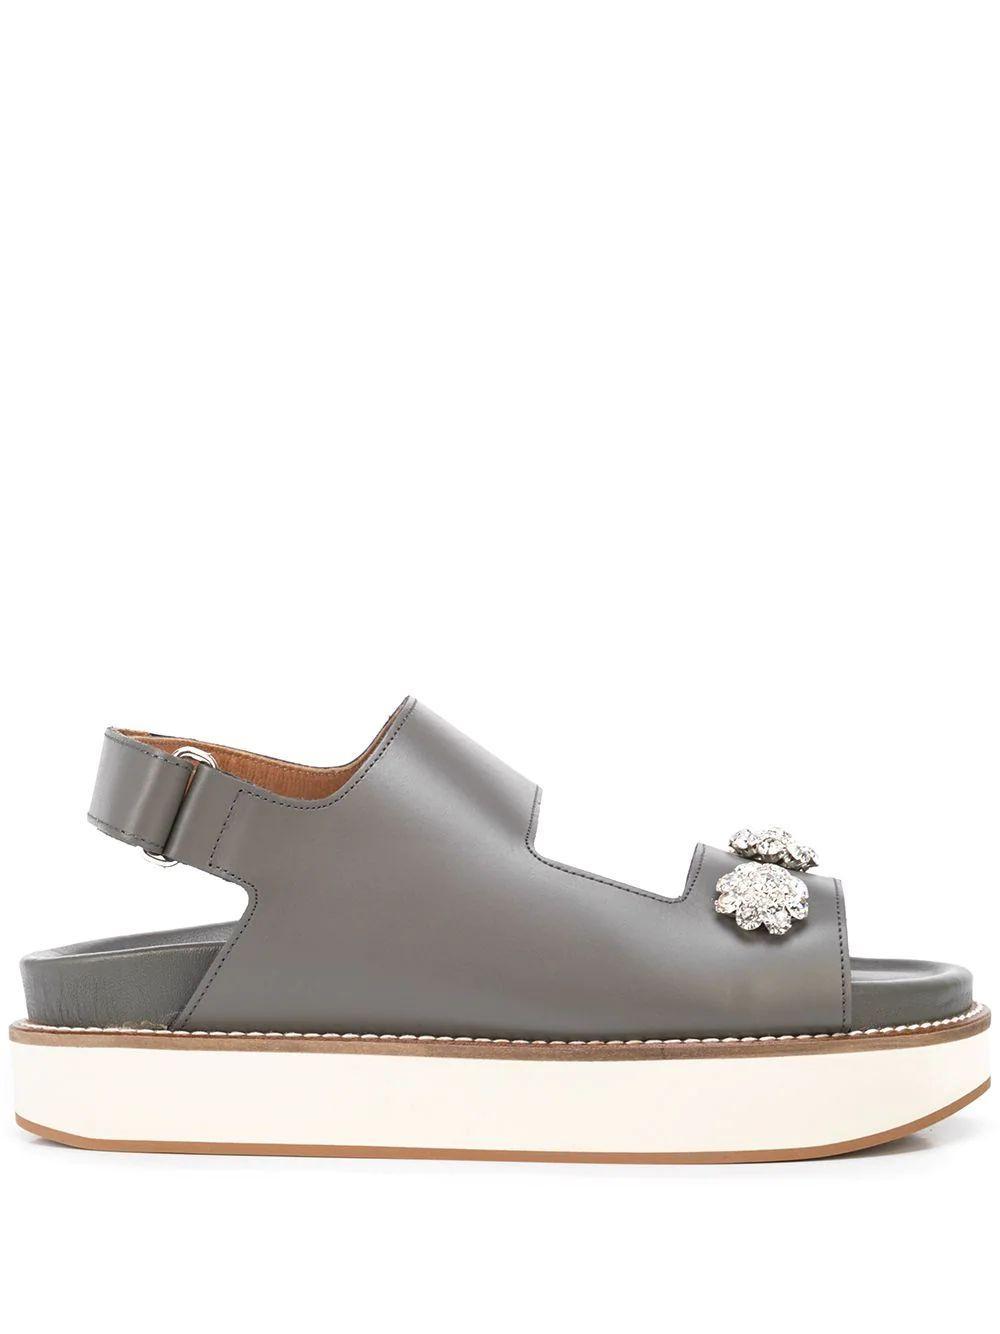 Embellished Platform Sandal Item # S1537